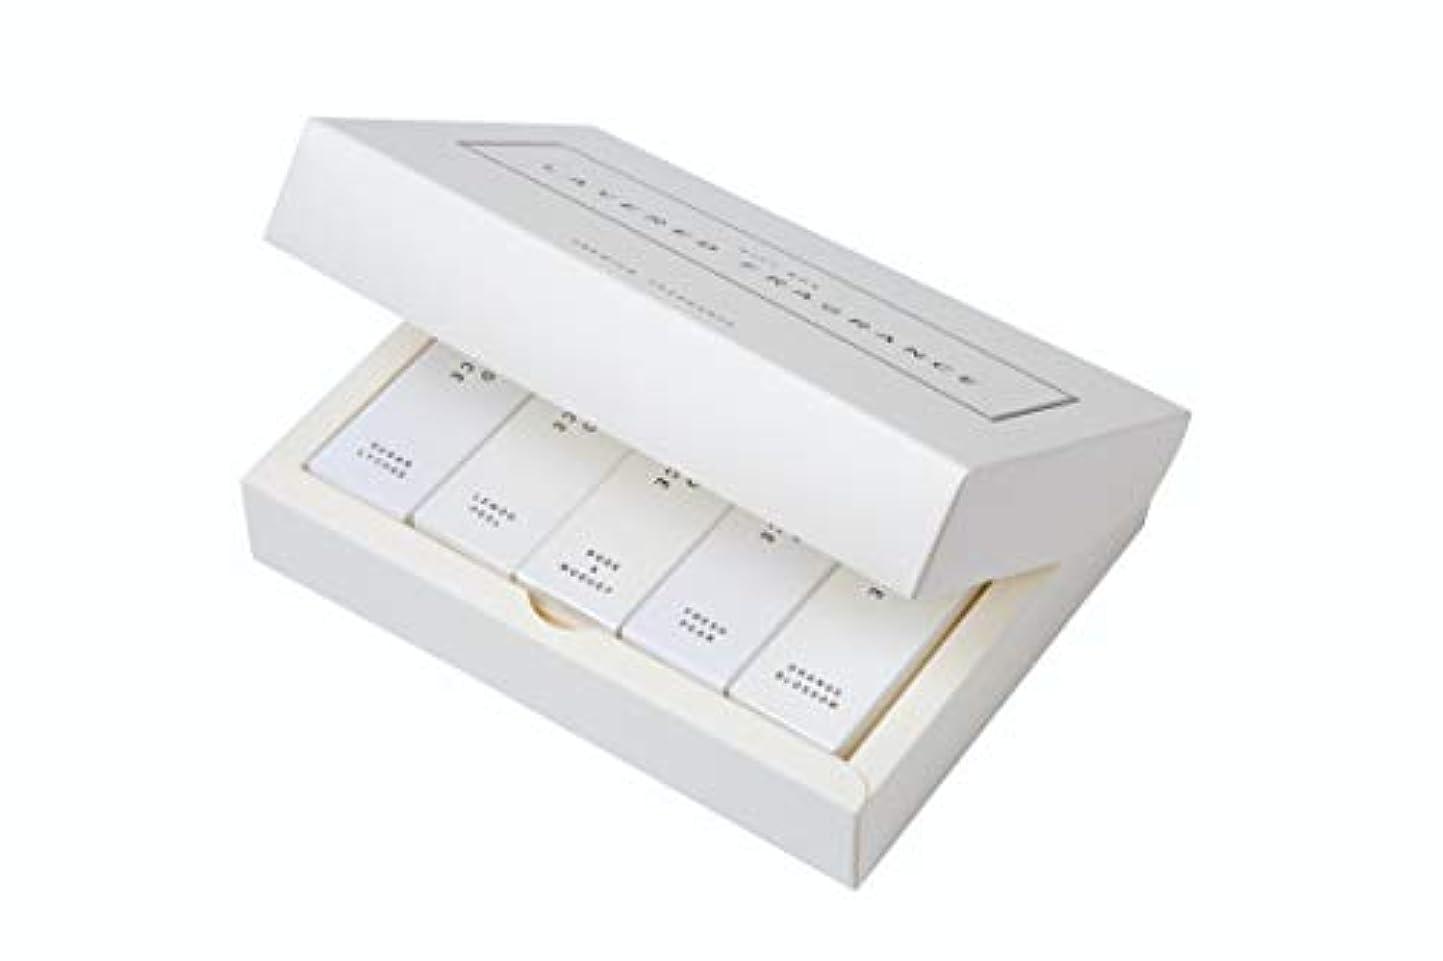 接辞かまど借りるレイヤードフレグランス ボディスプレー ミニサイズ 5本ギフトセット(BOX付) LAYERED FRAGRANCE BODY SPRAY MINI SIZE GIFT SET with GIFT BOX